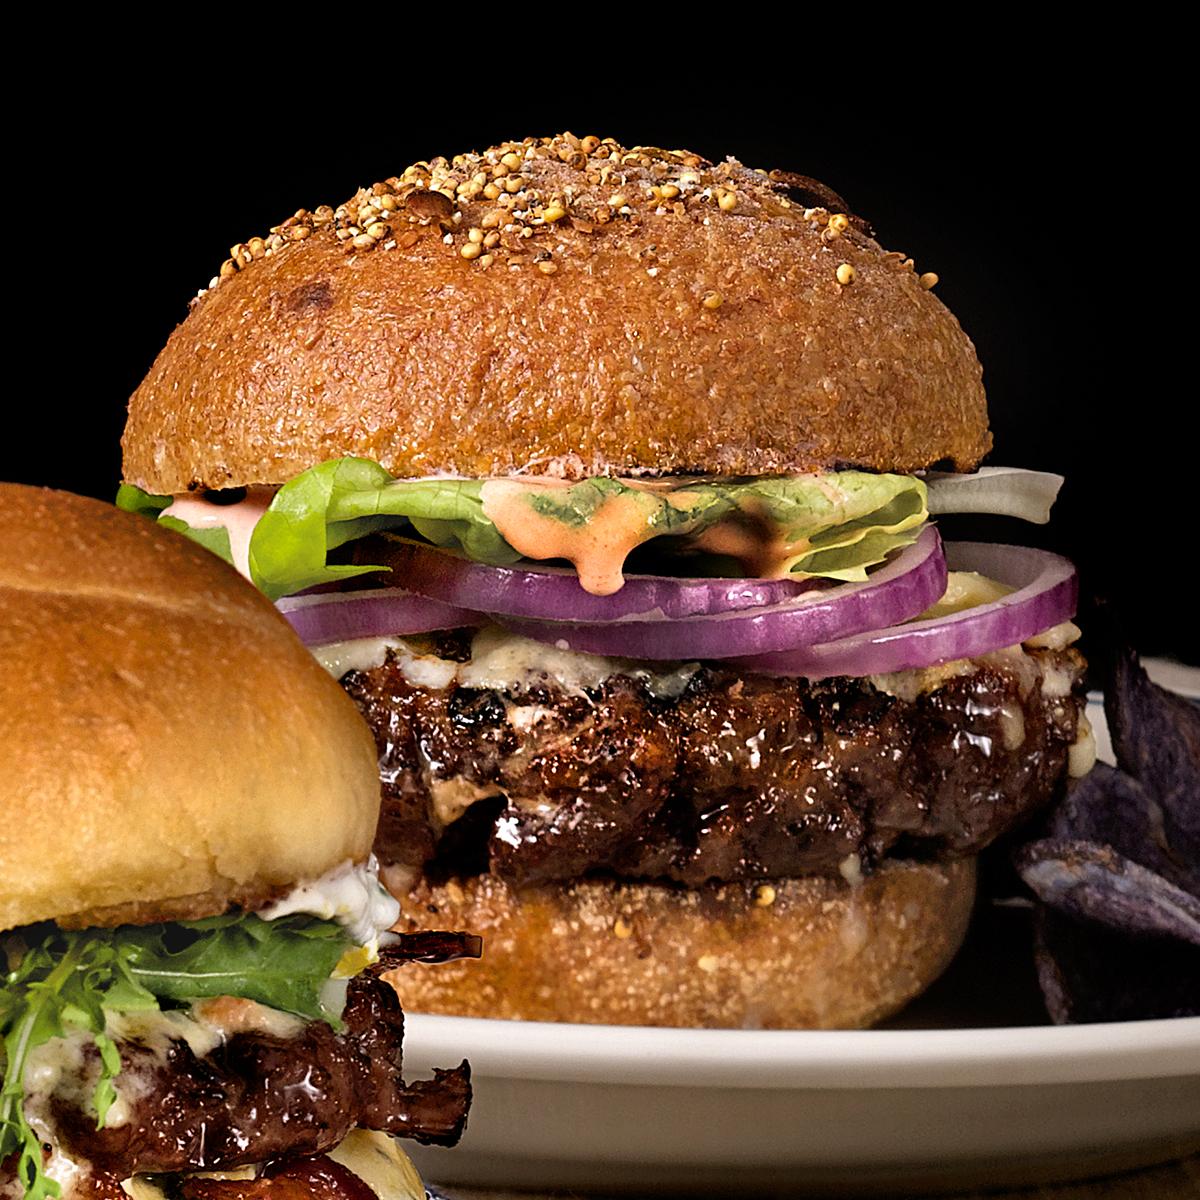 off-menu-burger-4a54a41e